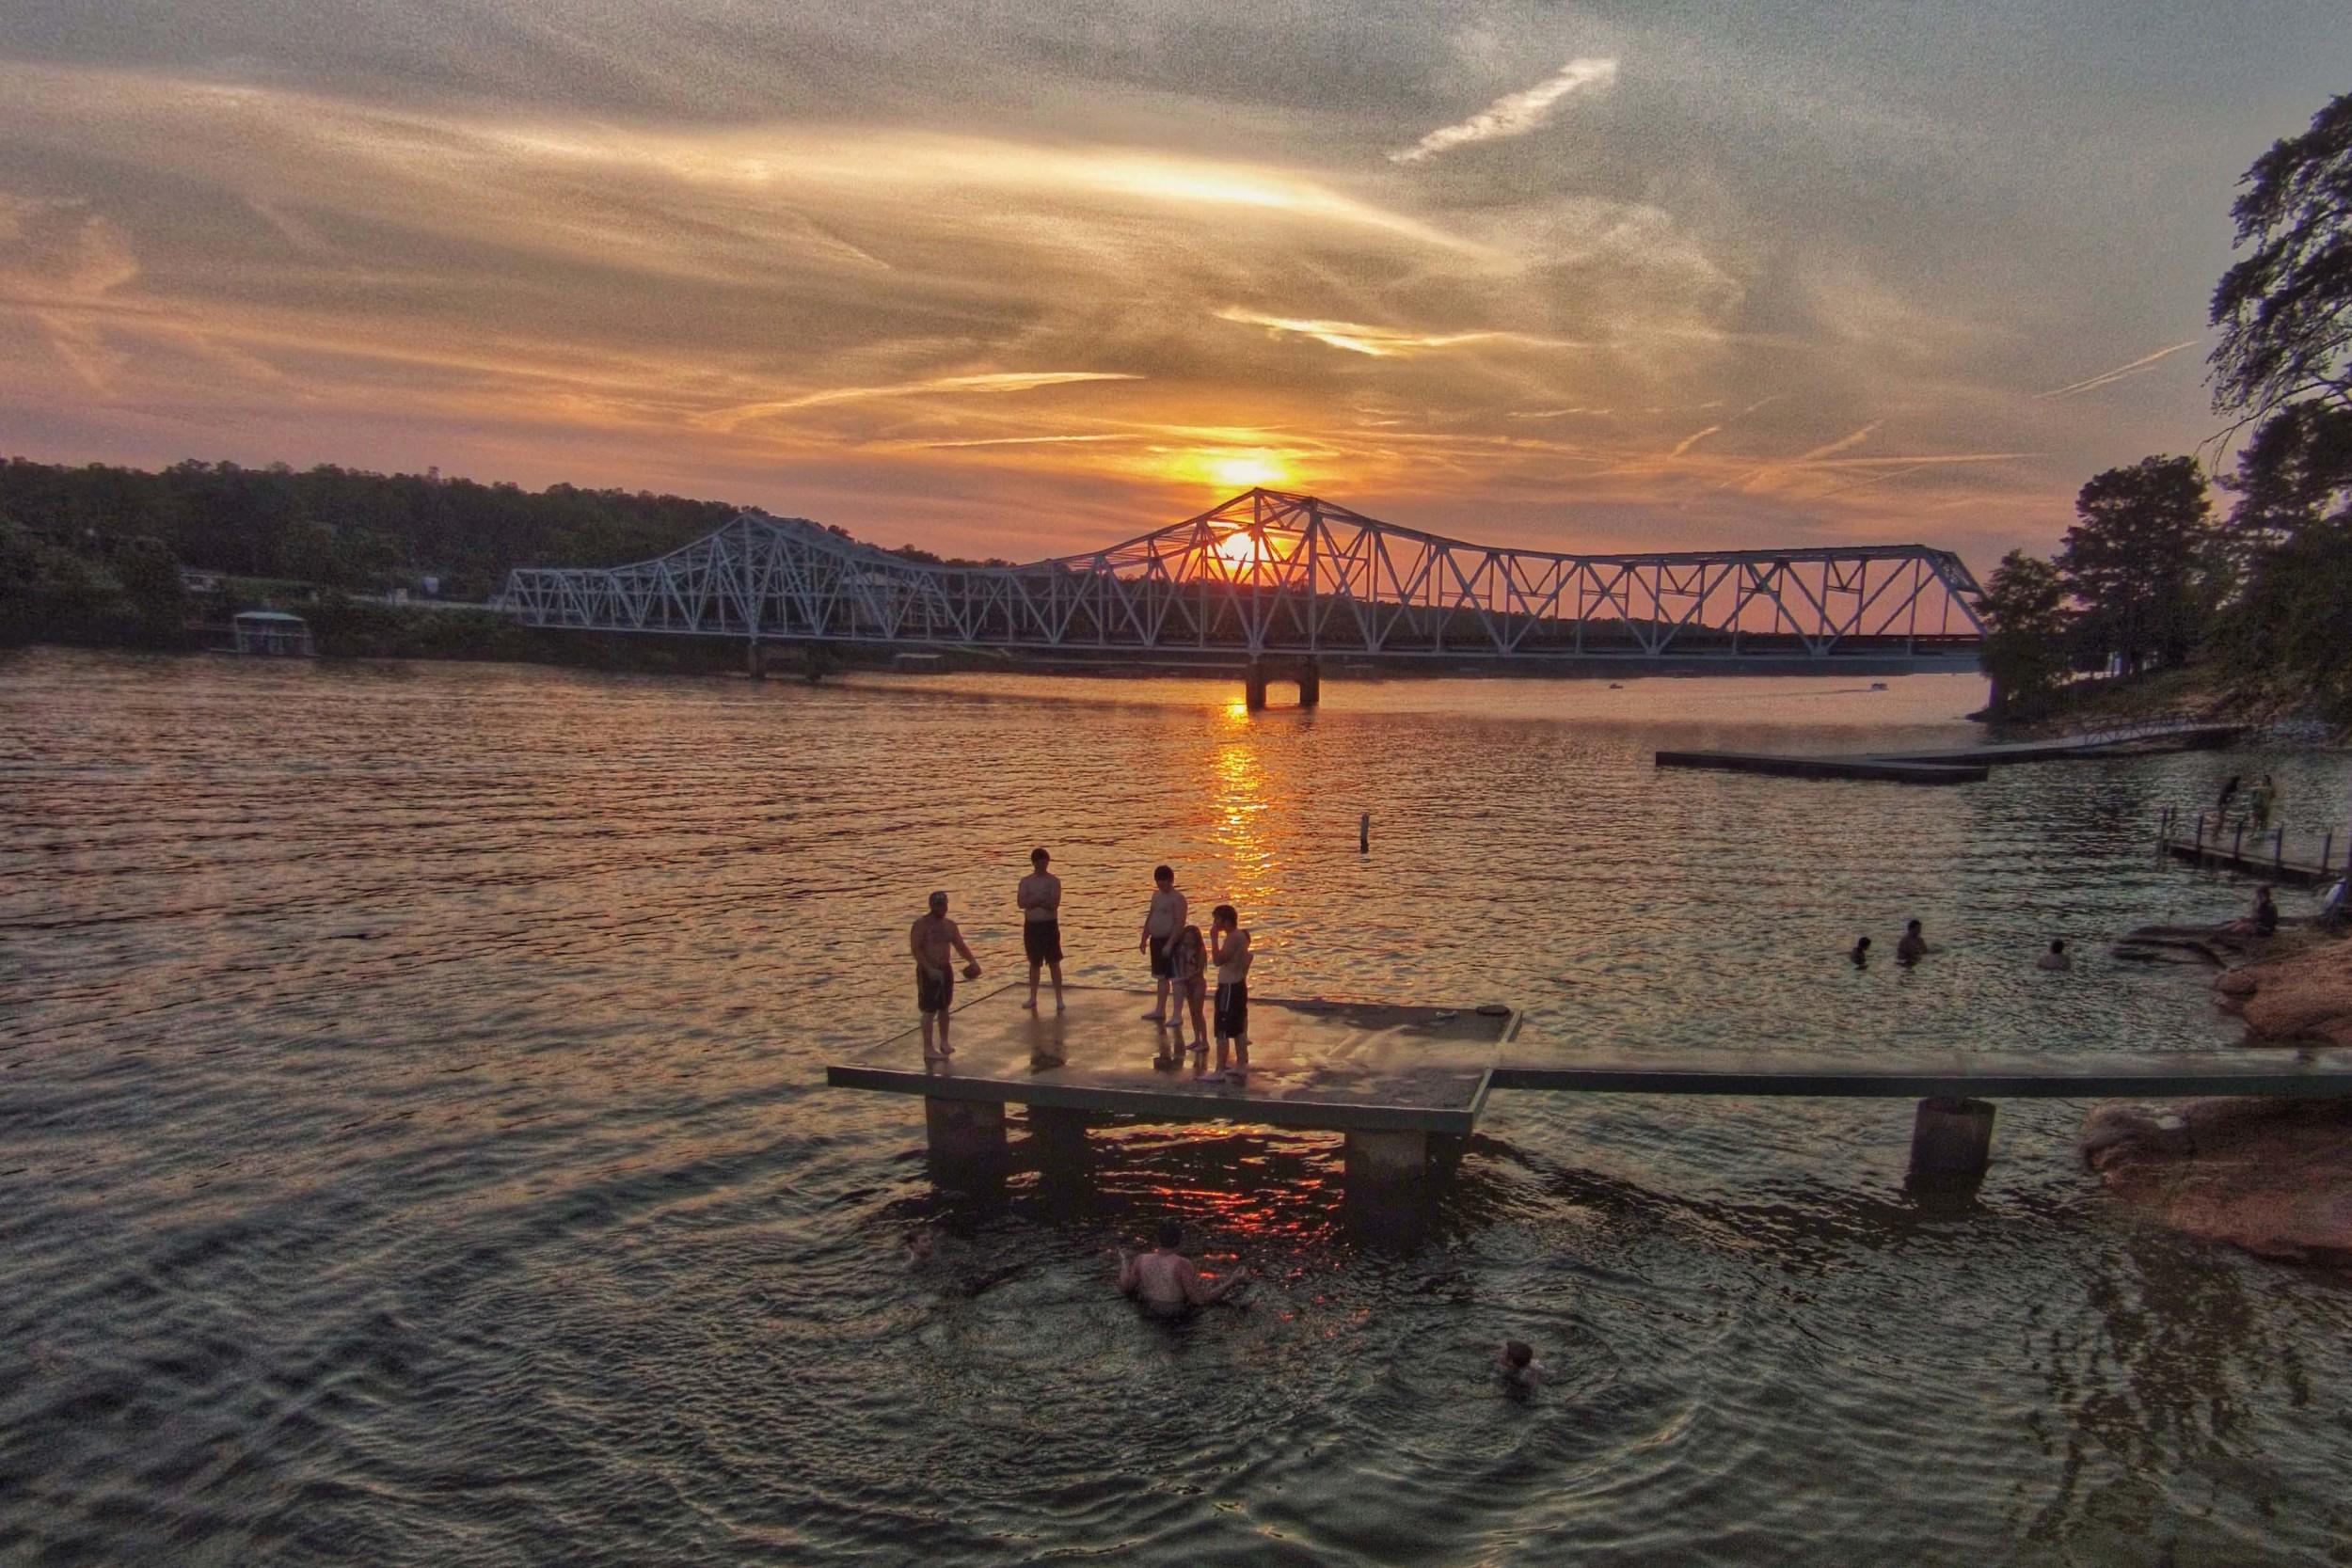 Sunset at Duncan Bridge on Smith Lake